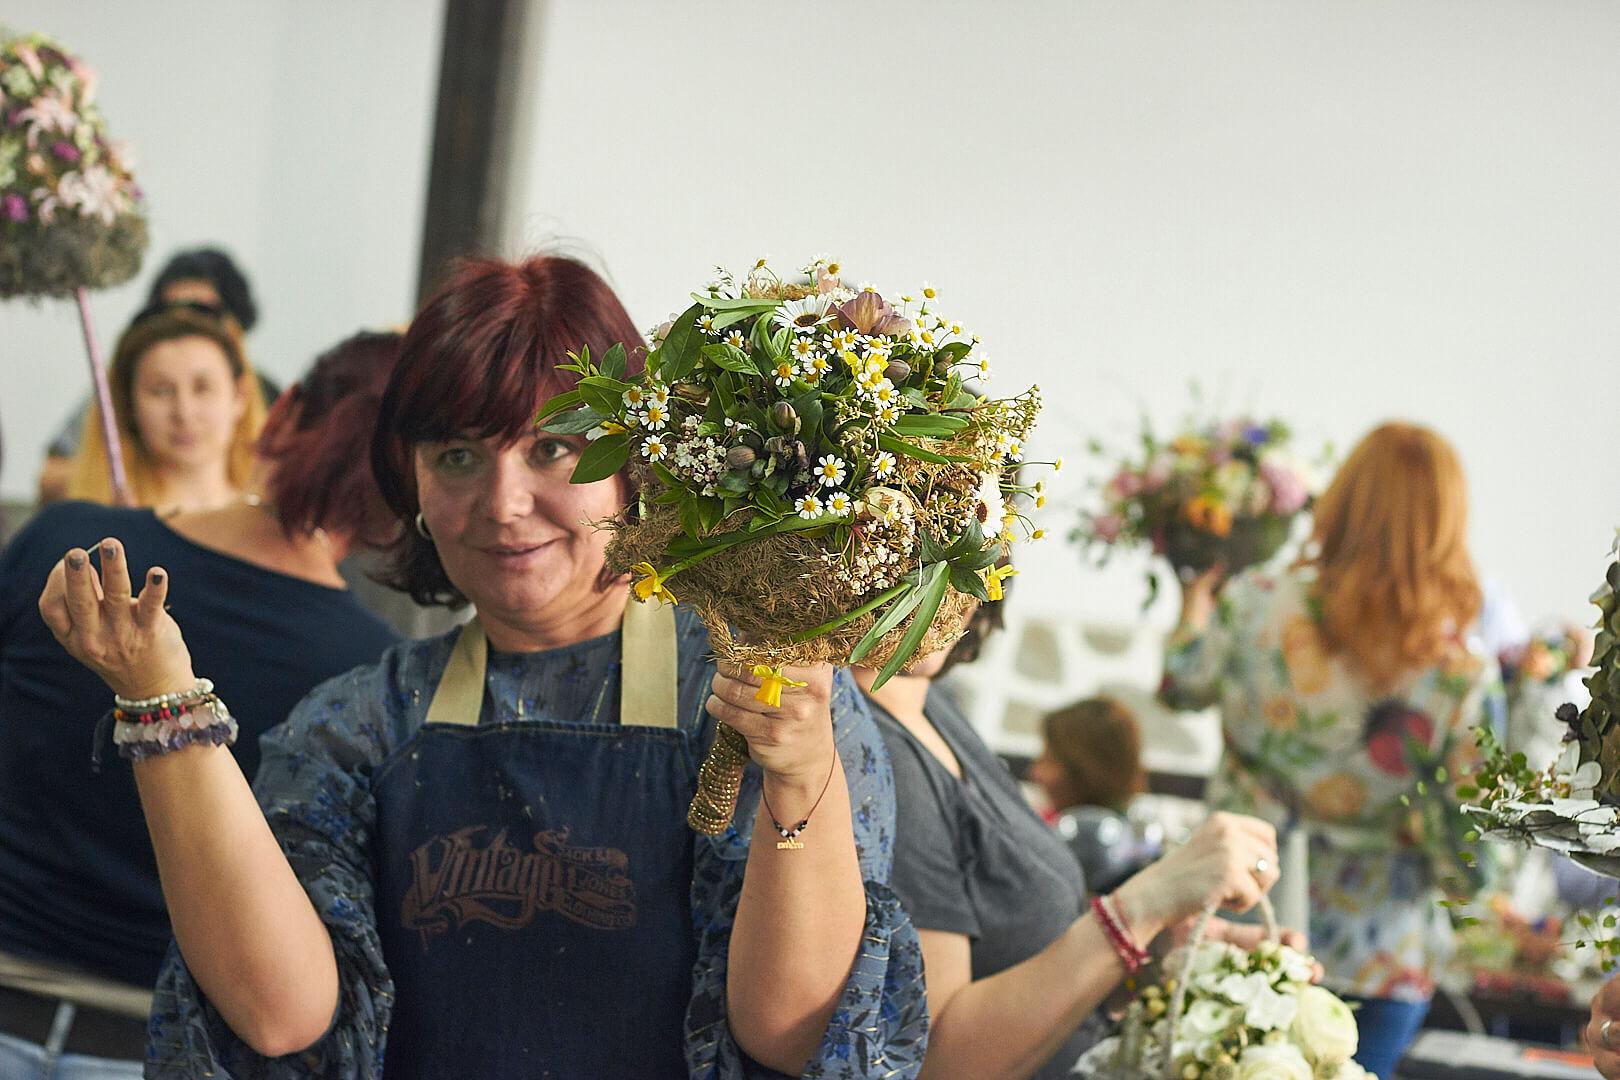 radko_ivanov_chapov_florist_floral_design_floristik_seminar_demo_16